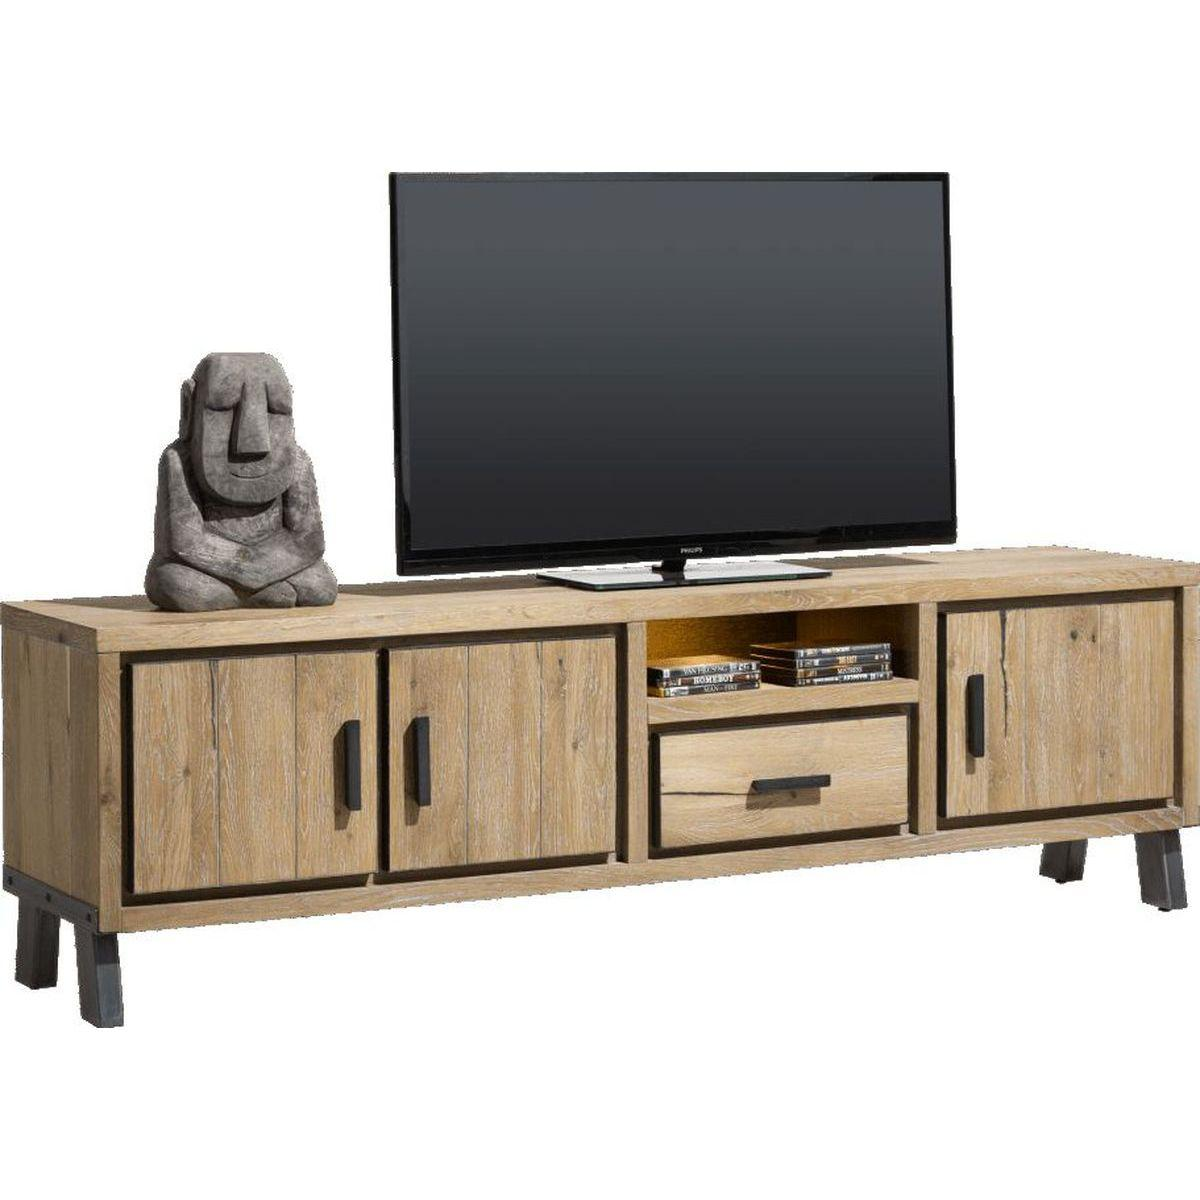 Meubles Henders Et Hazel abitare-living.lu | meuble tv vitoria henders & hazel 200cm led